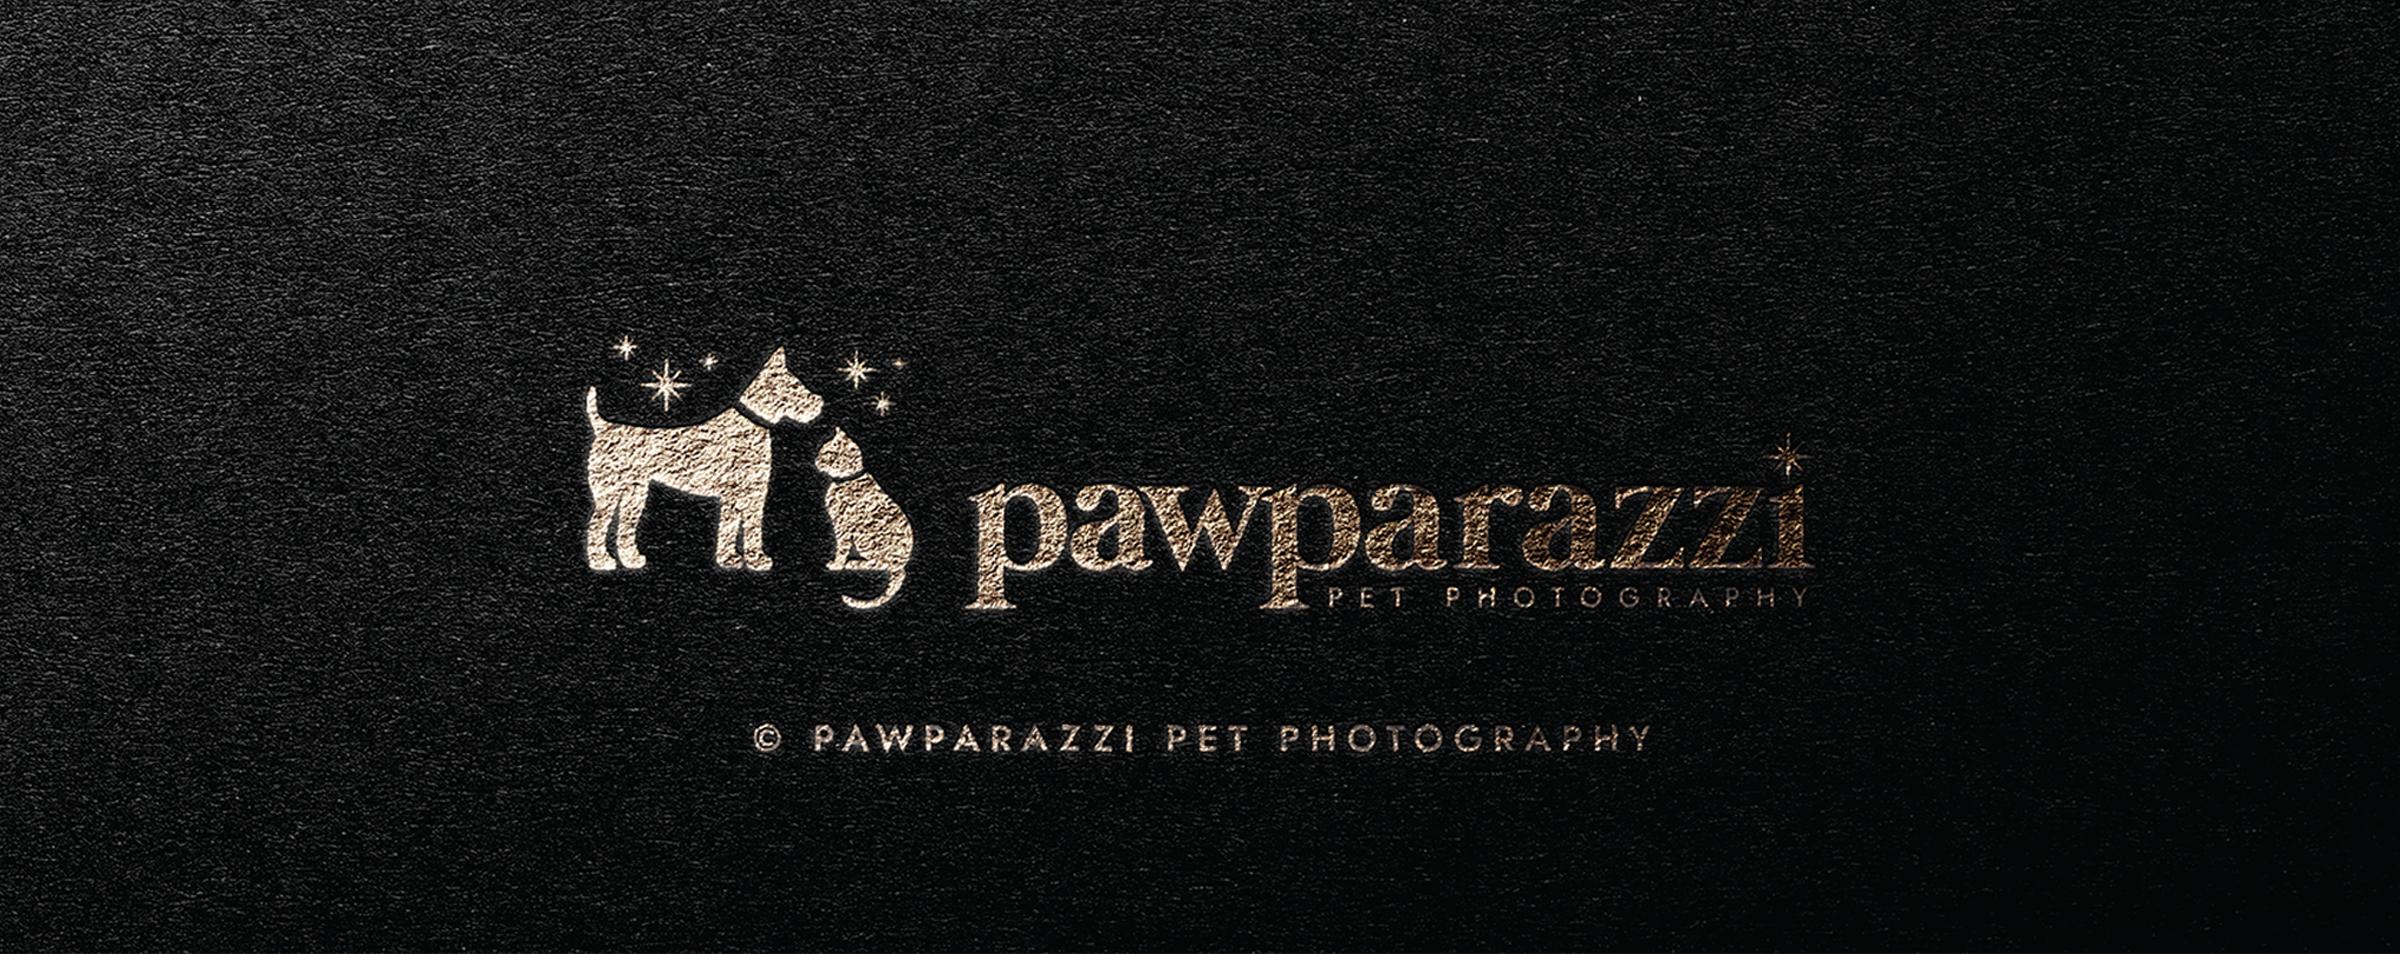 Pawparazzi Winnipeg Feminist Brands Website Design Feminist Entrepreneurs Brand Presentation 2